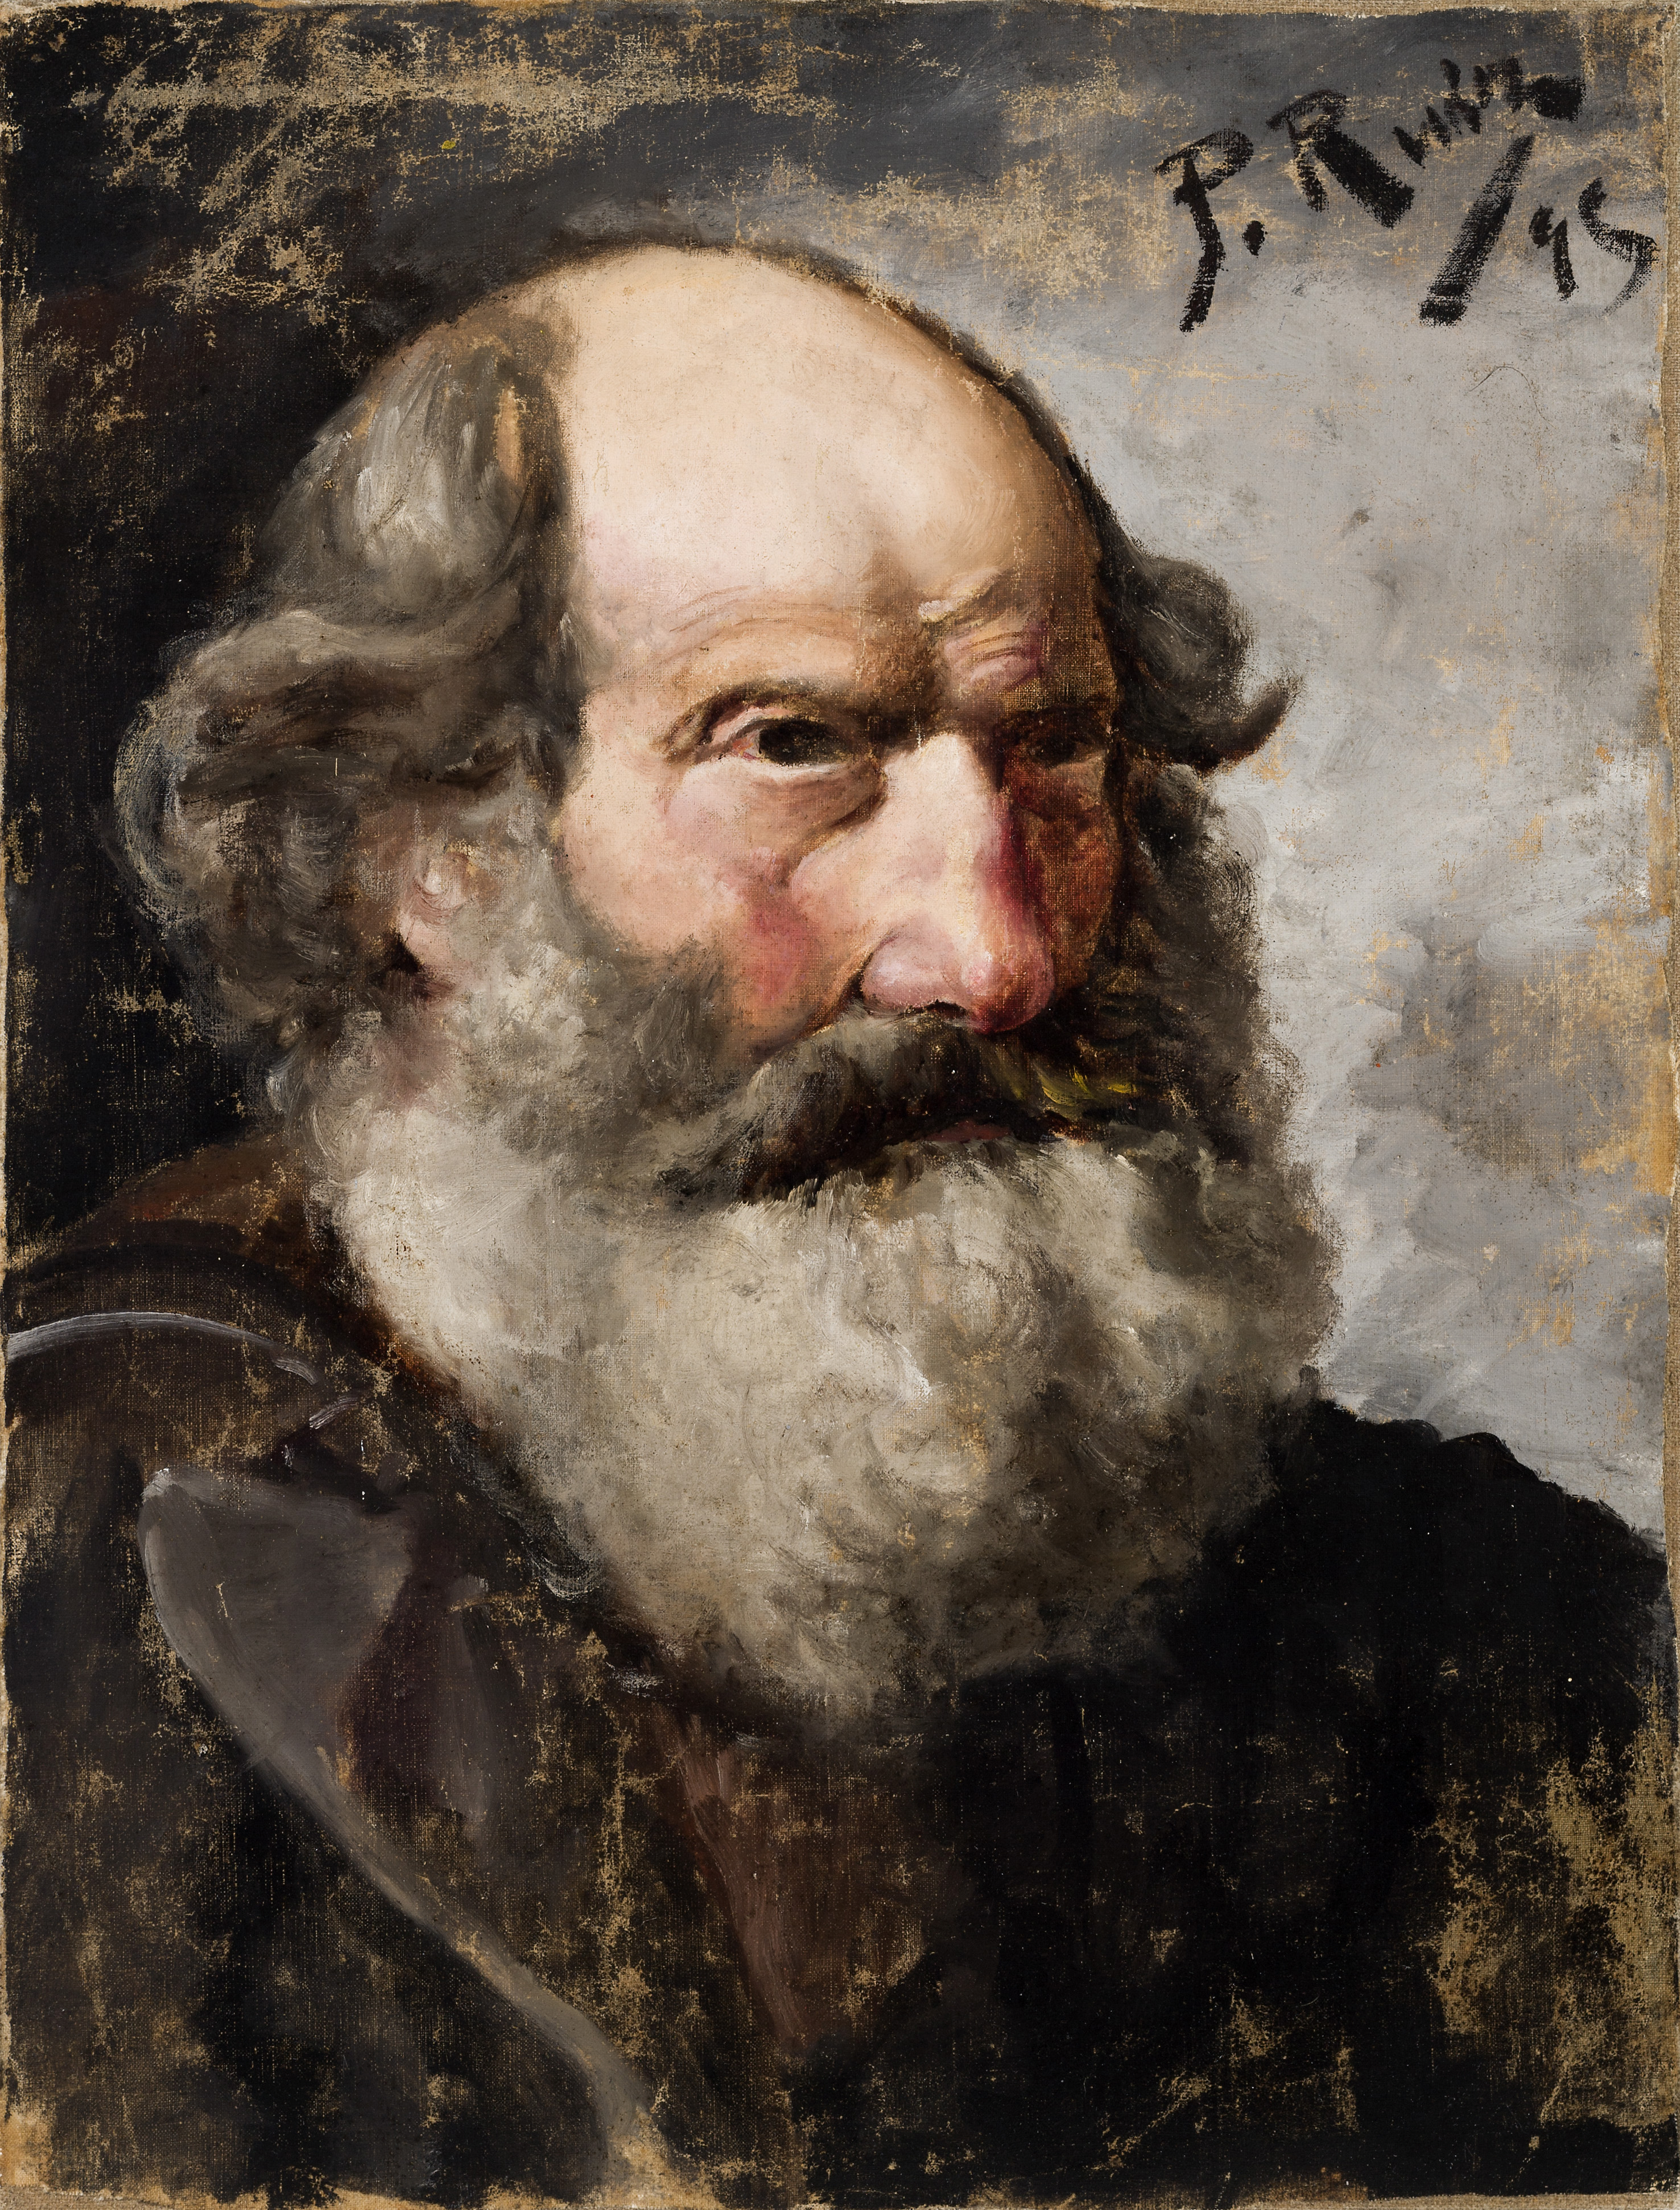 Retrato de anciano barbudo (Mendigo), La Coruña, 1895, óleo sobre lienzo, 48 x 36 cm, colección privada. Fotografía © Josep María de Llobet.